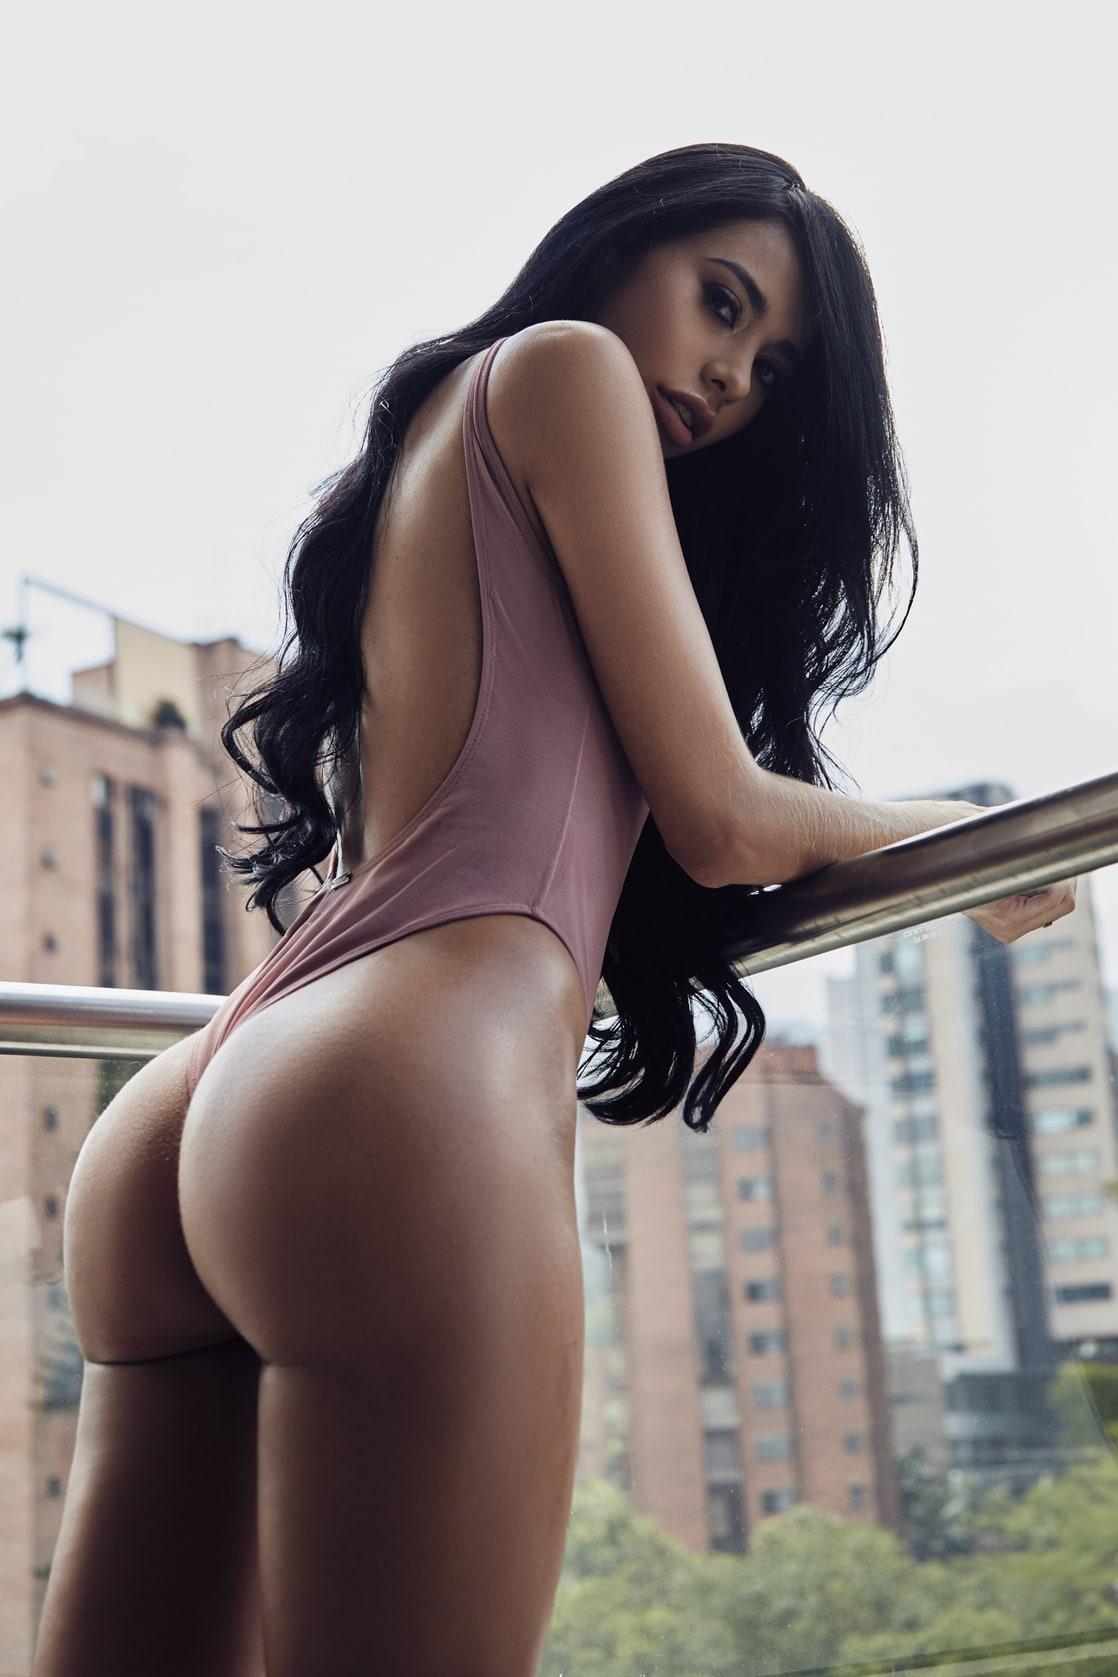 bollywood actress fuking photo